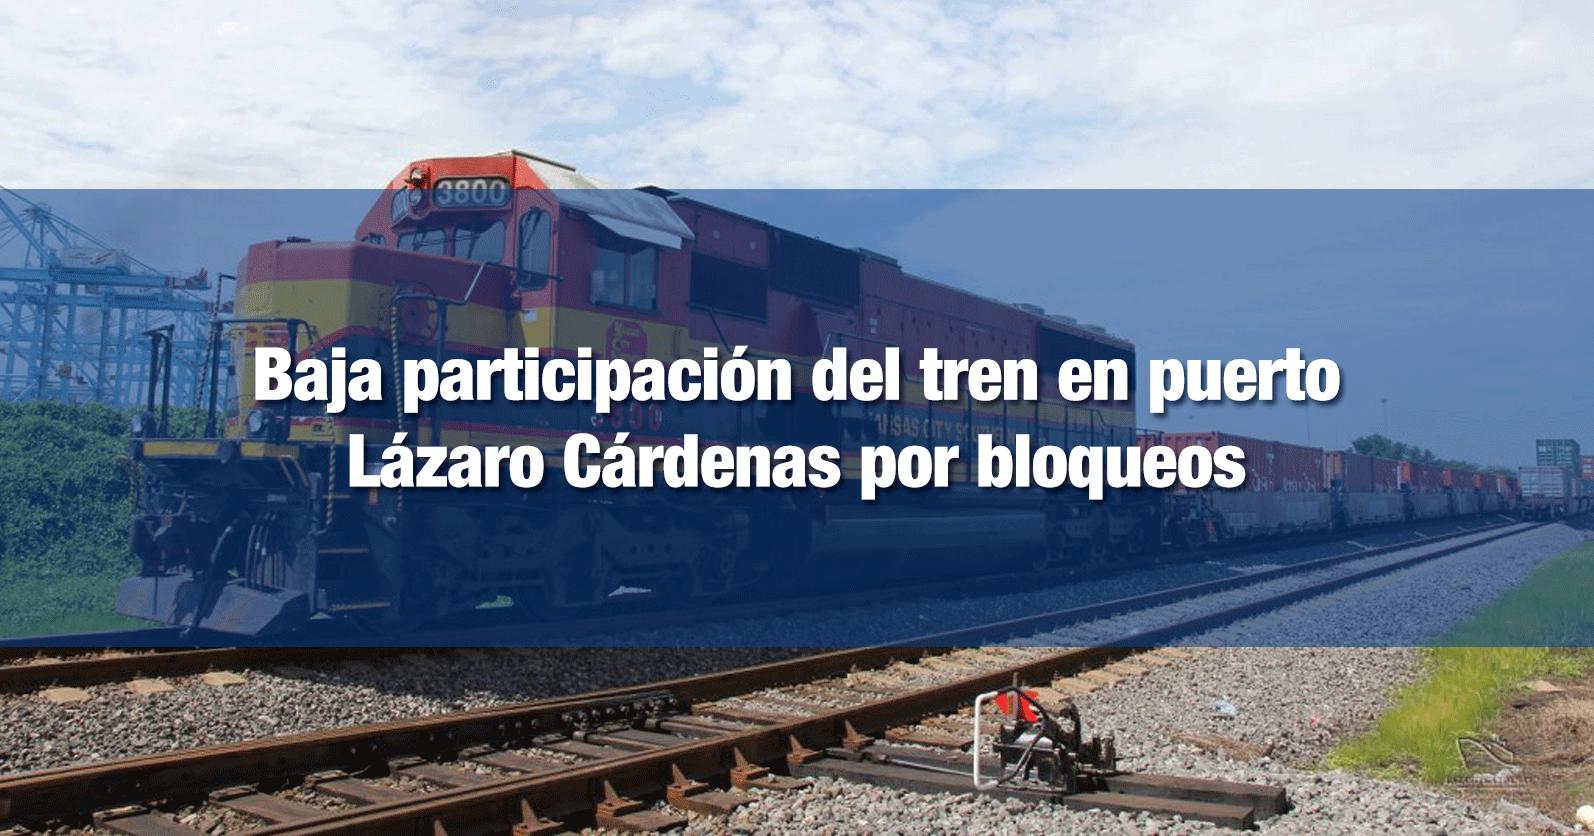 Baja participación del tren en puerto Lázaro Cárdenas por bloqueos